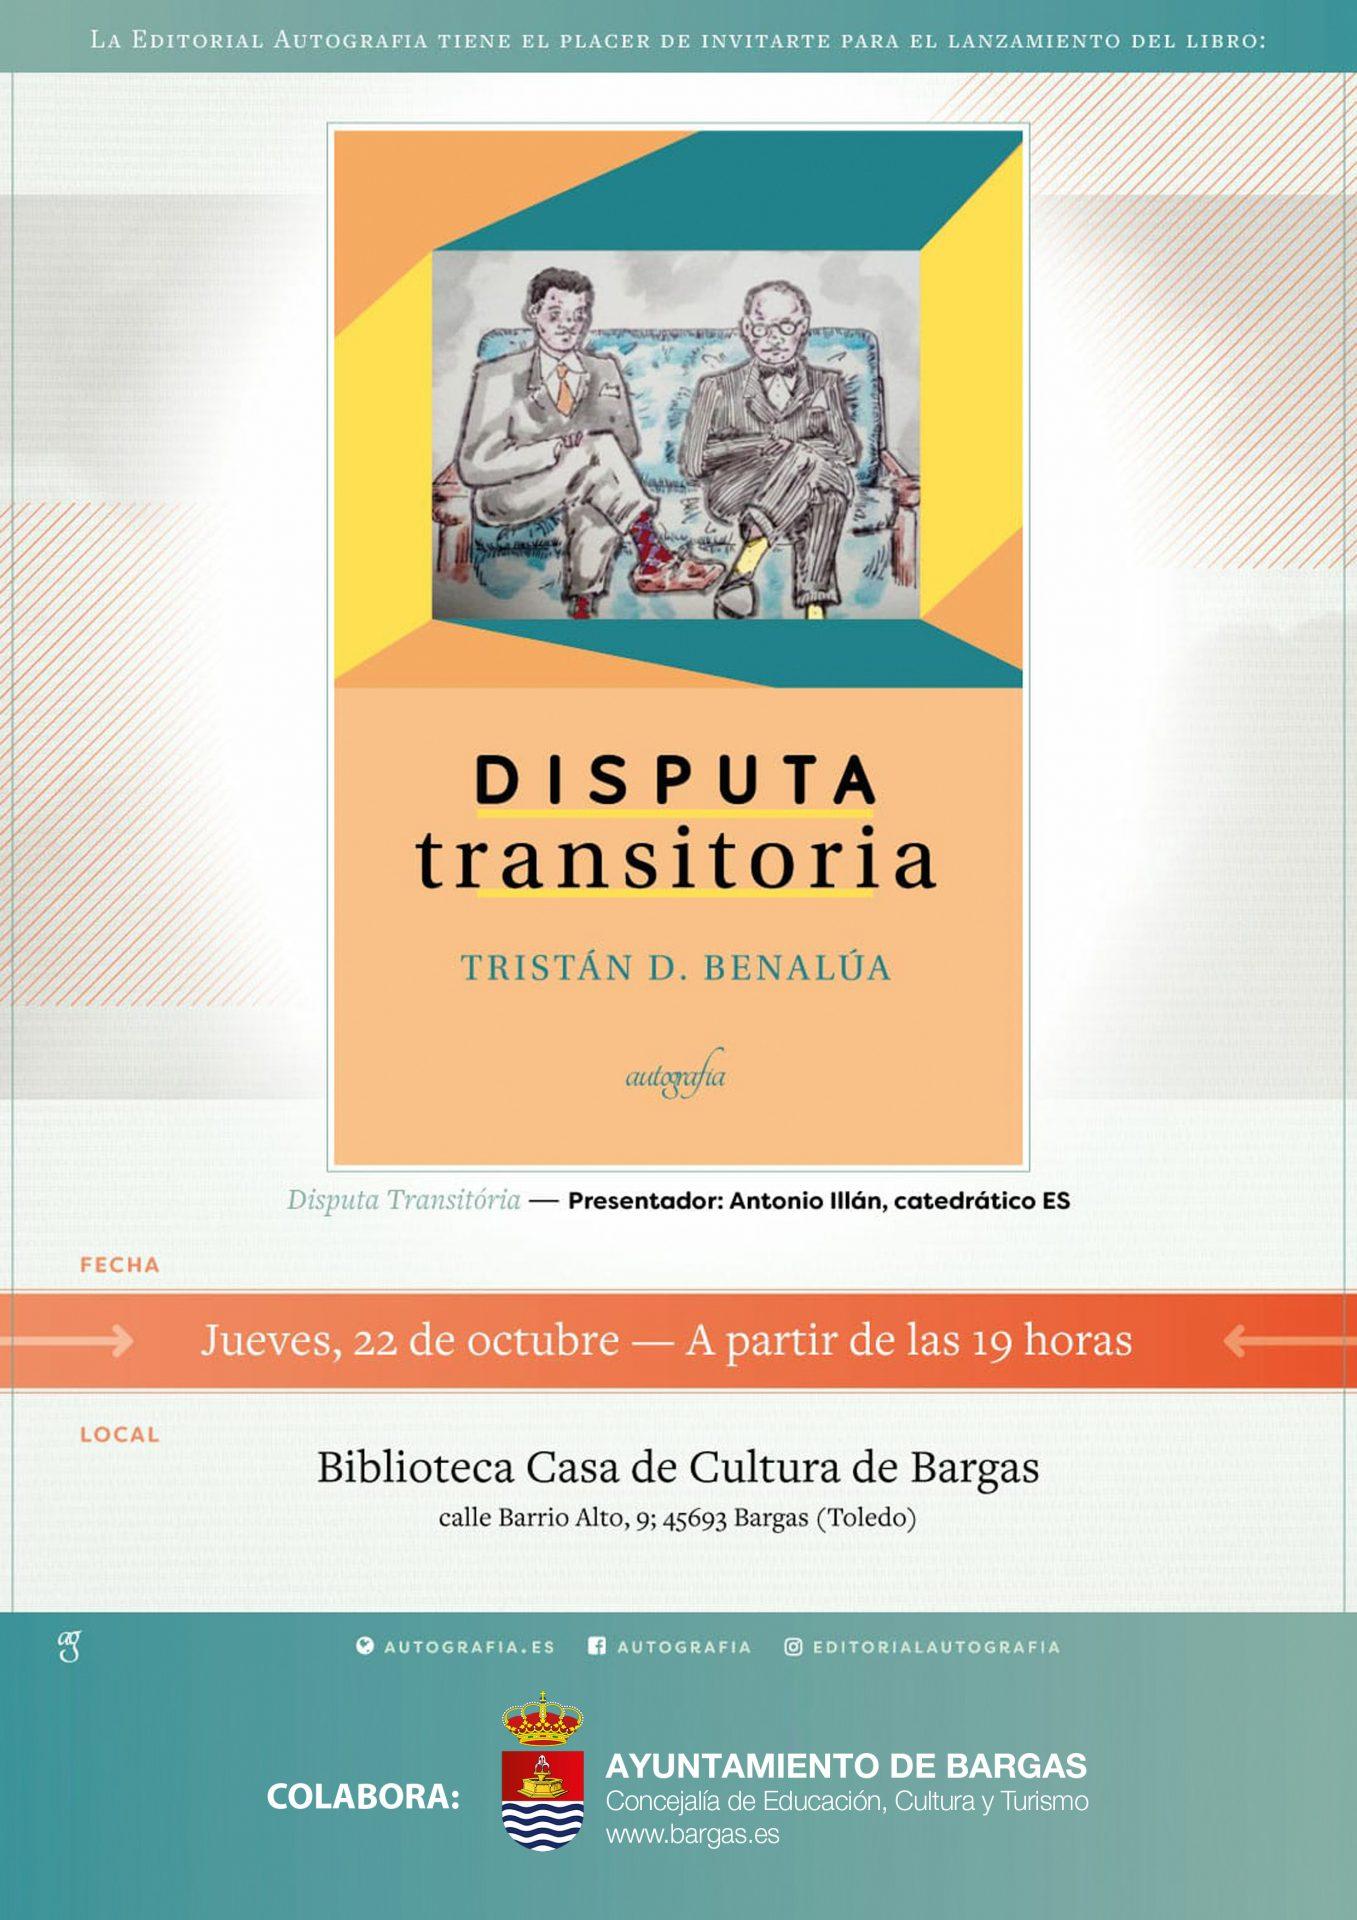 Presentación del libro: «Disputa Transitoria», de Tristán D. Benalúa